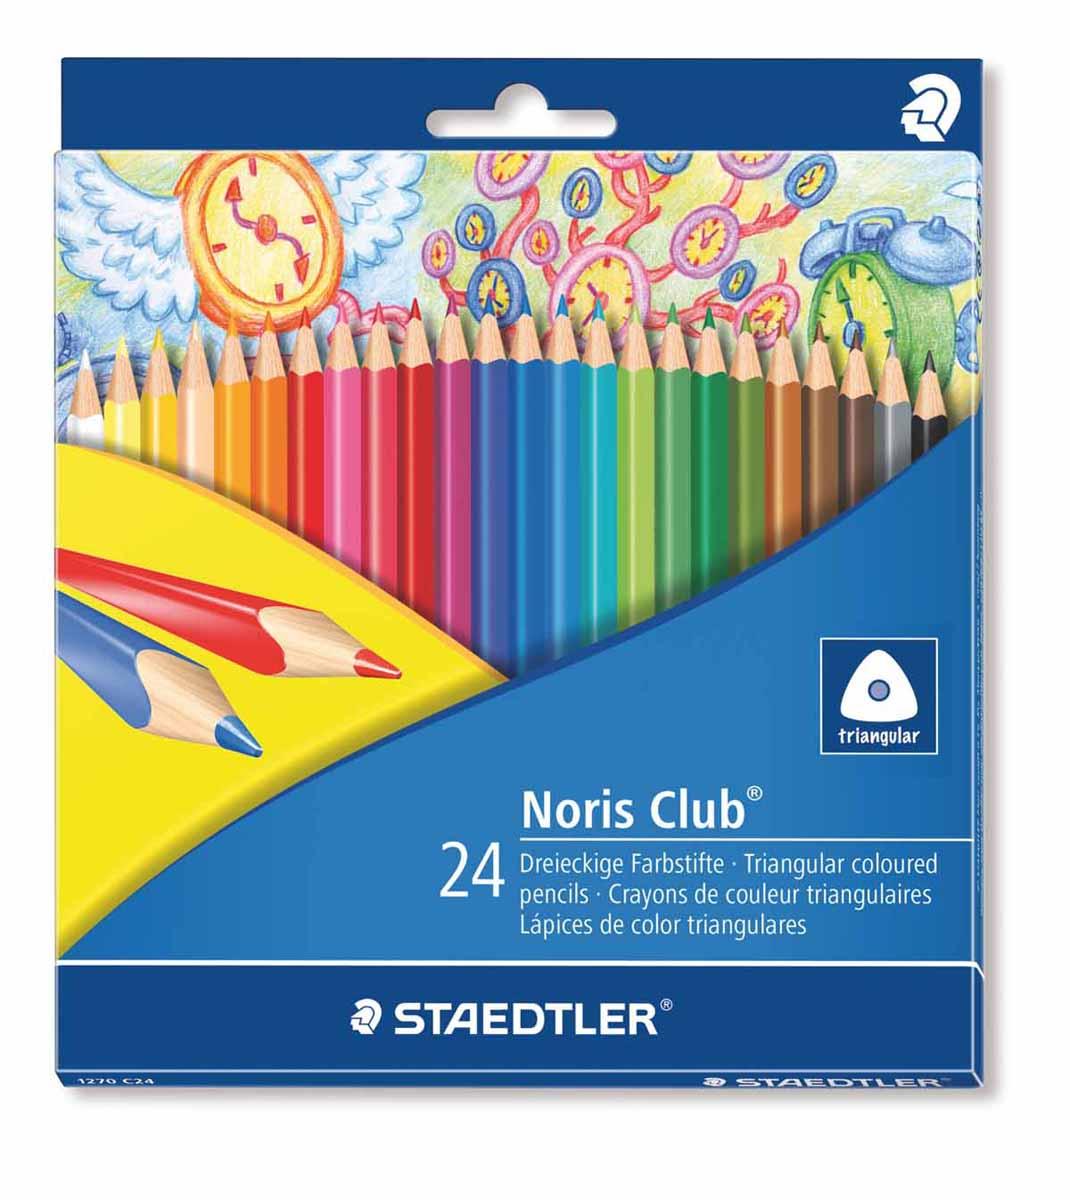 Staedtler Набор цветных карандашей Noris Club 24 цвета staedtler staedtler цветные карандаши noris club утолщенные 10 цветов